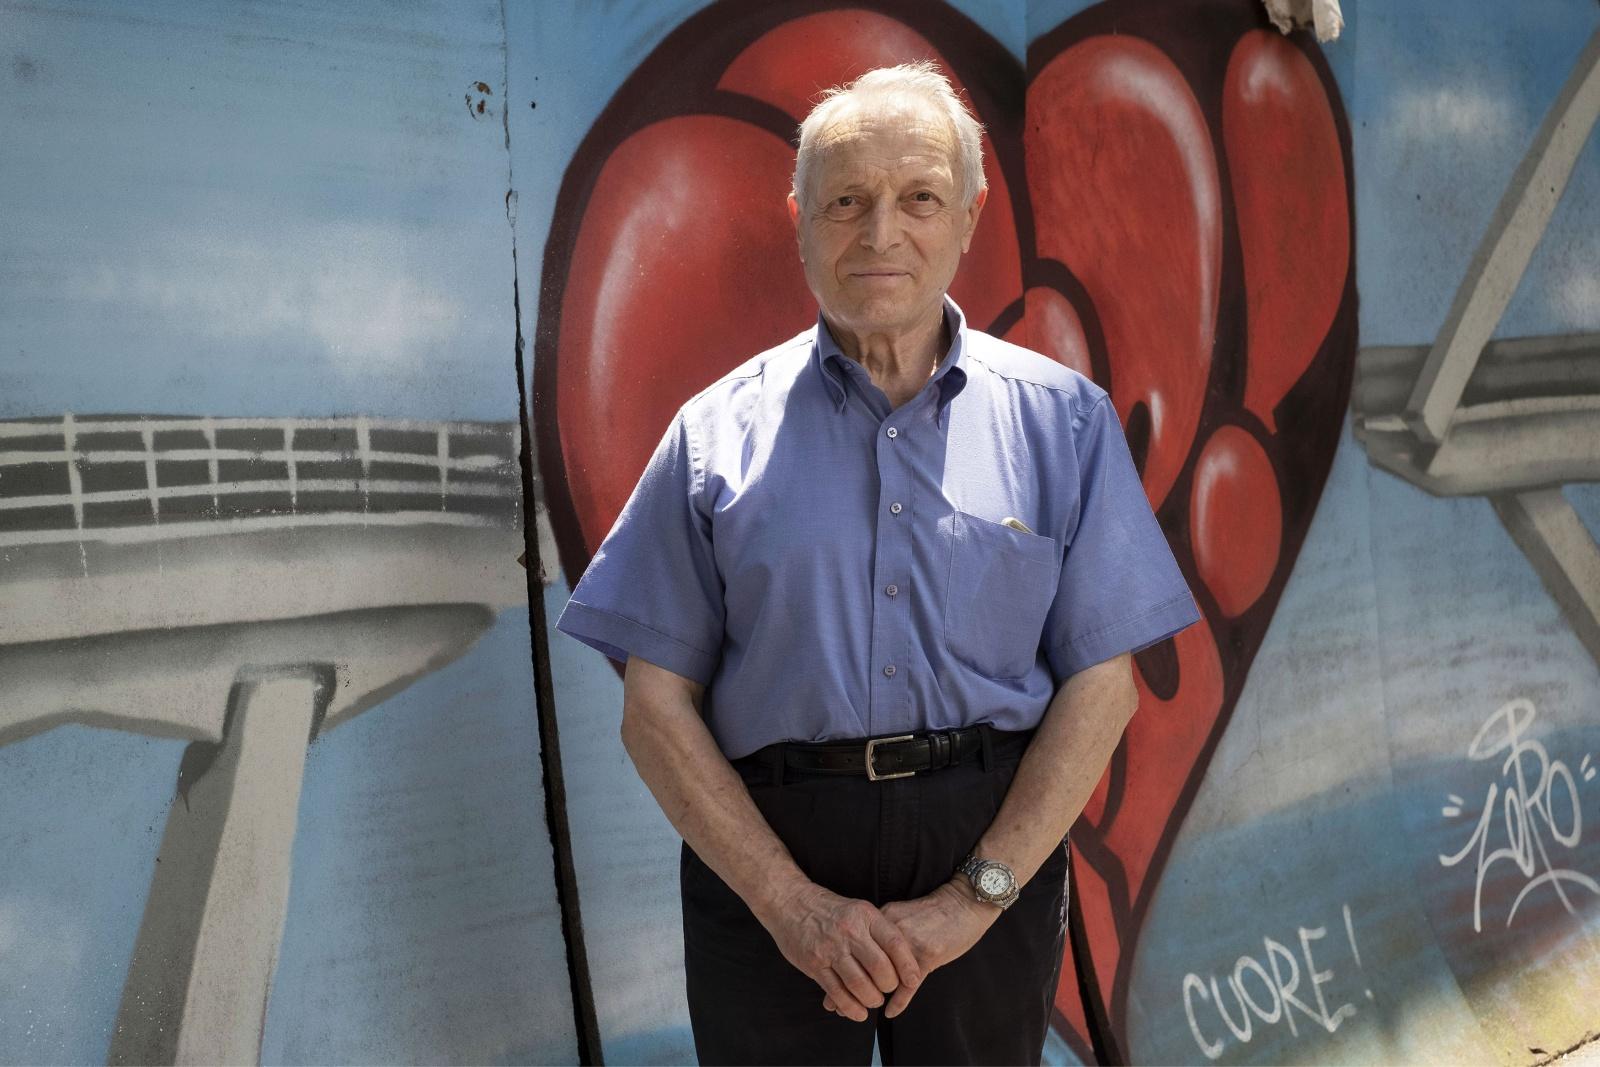 Genova, Gherardo Ghirardini 83 anni, vive con la moglie in via del Campasso, al di la della ferrovia  nella zona rossa interdetta dopo il crollo del ponte Morandi